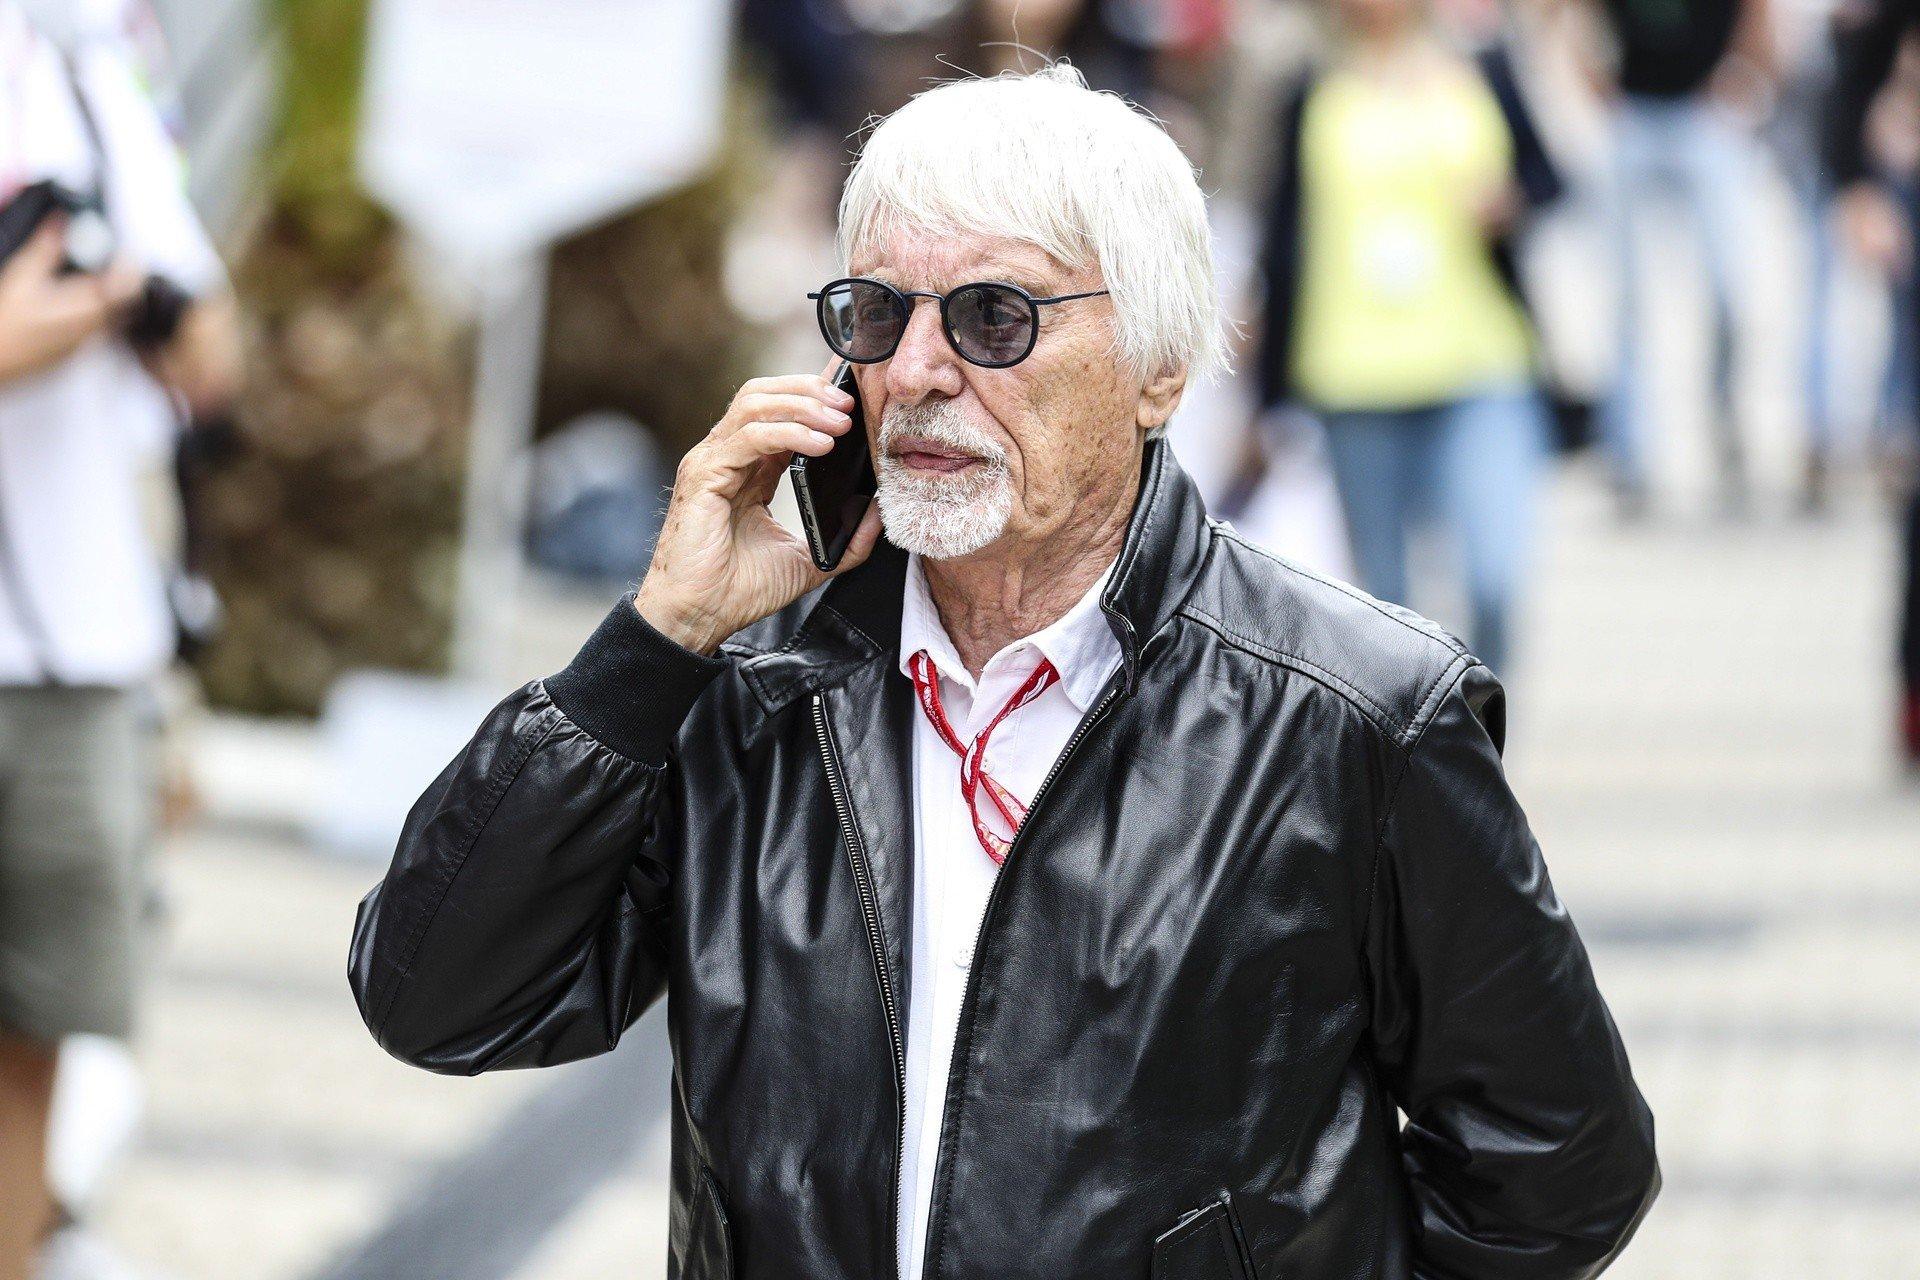 89-letni szef Formuły 1 zostanie... ojcem. Bernie Ecclestone nie przejmuje się wiekiem | Polska Times